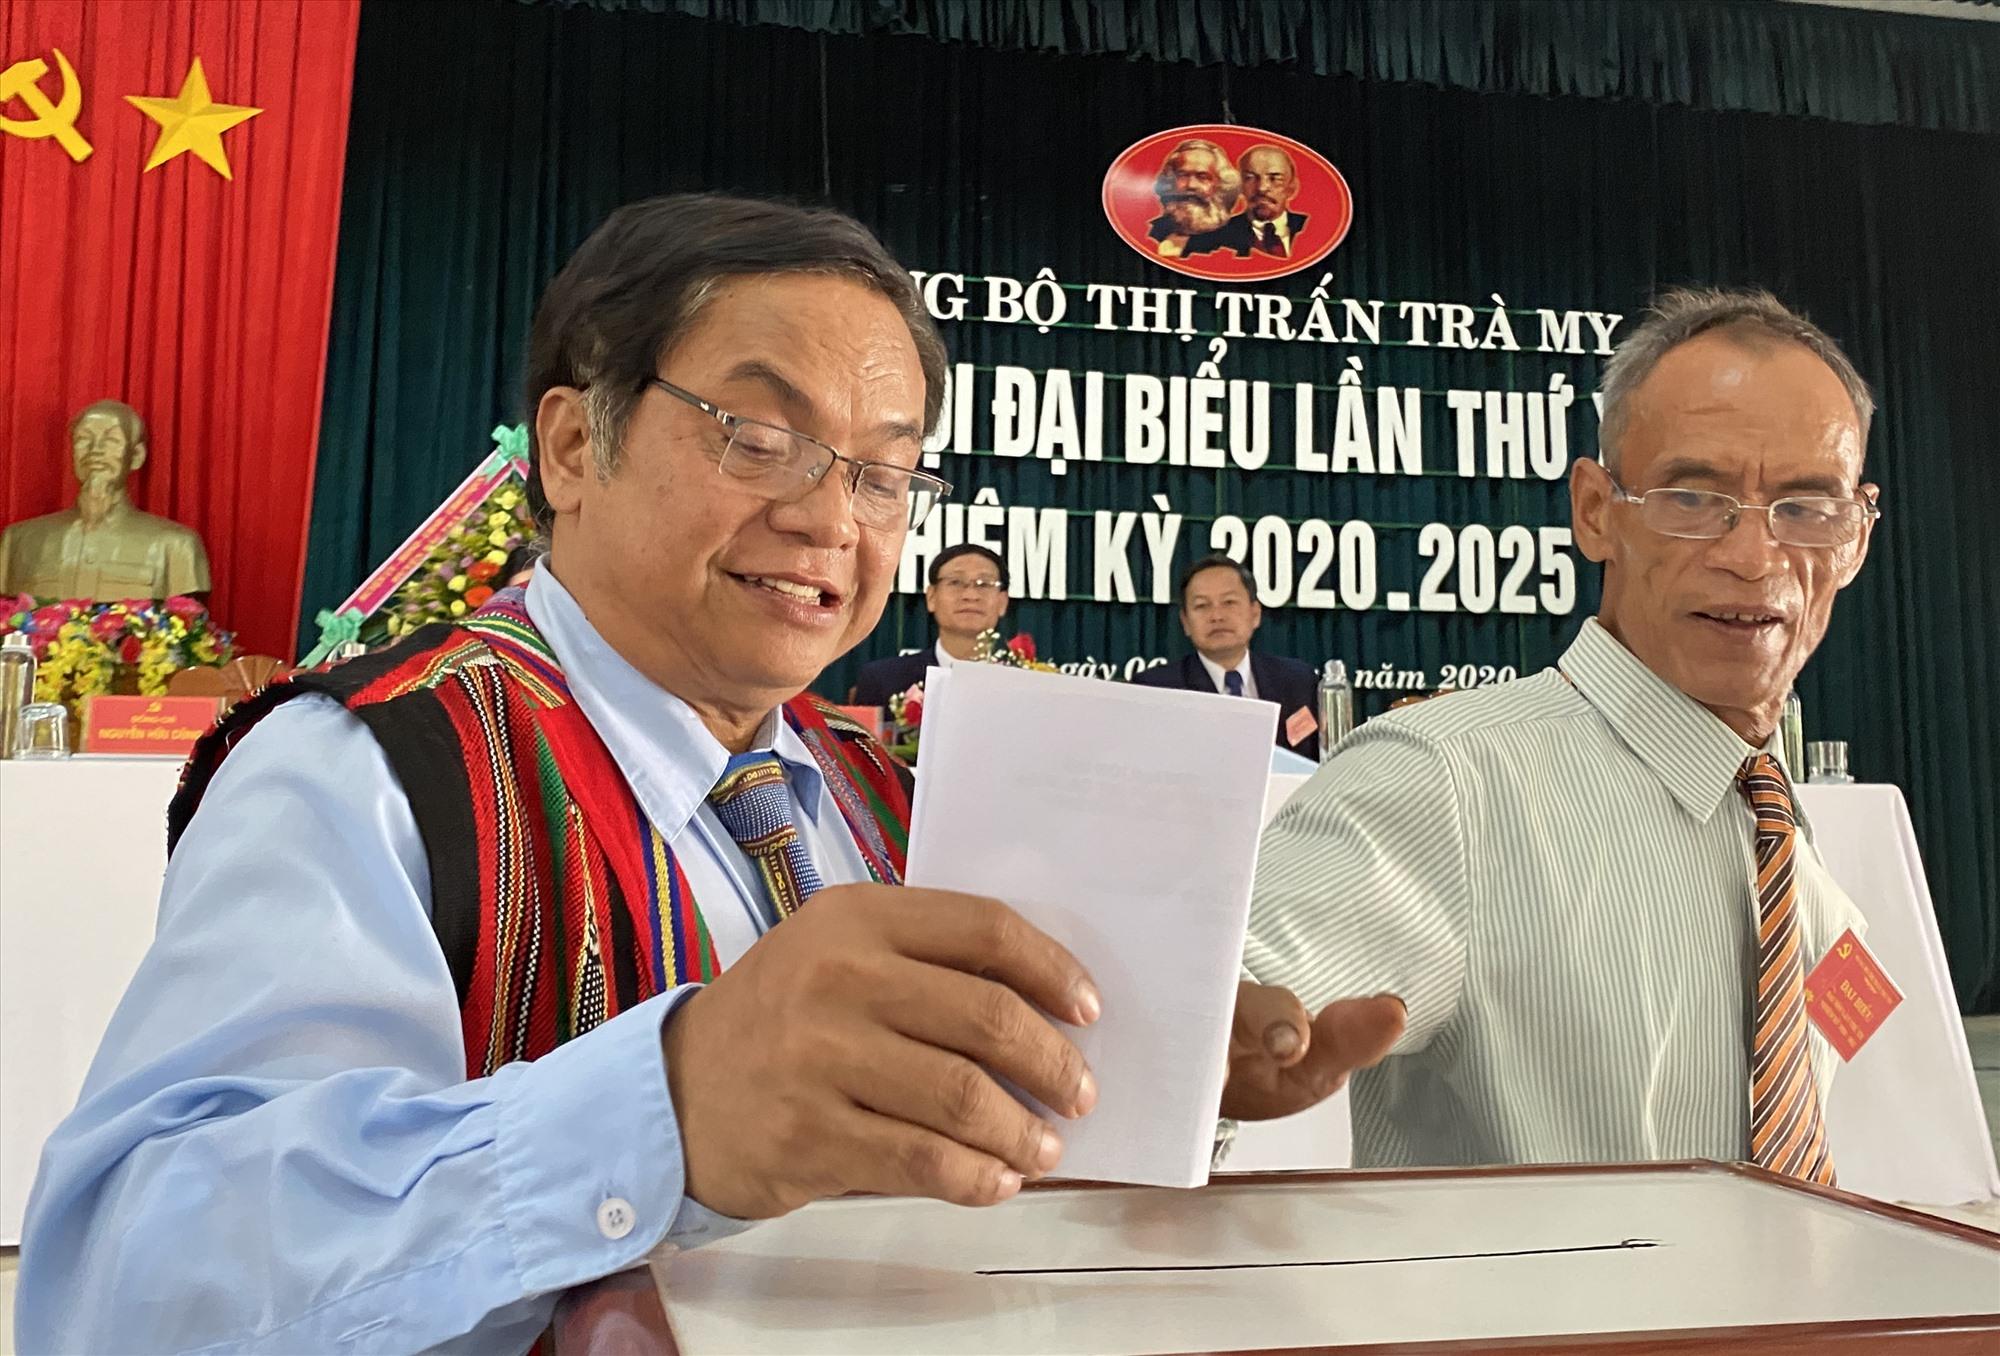 Đảng bộ thị trấn Trà My được Ban Thường vụ Huyện ủy Bắc Trà My chọn tổ chức đại hội trước để rút kinh nghiệm đại hội cấp xã trên địa bàn.Ảnh: TRÀ MY